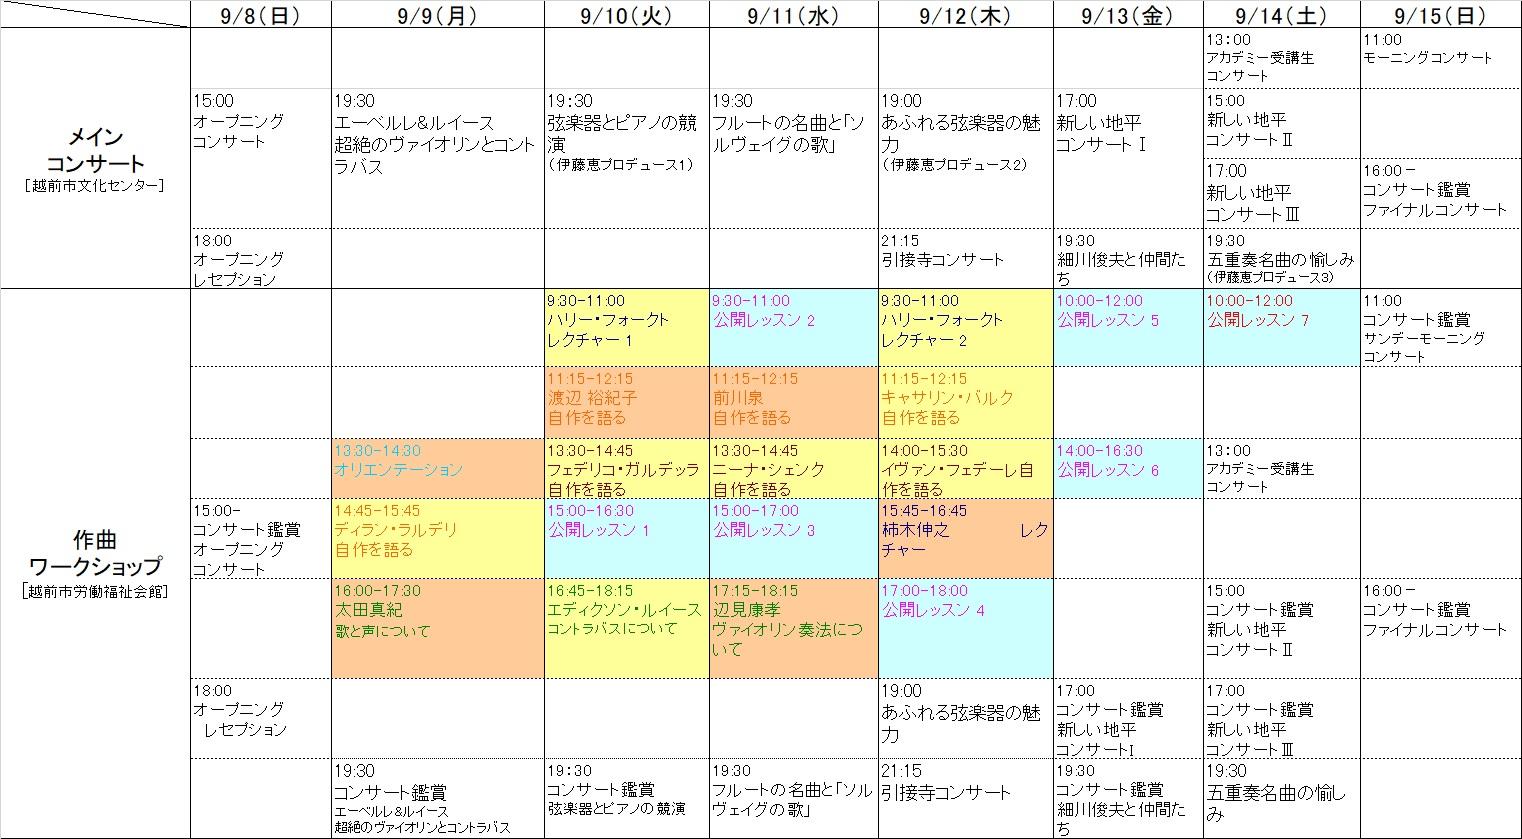 武生国際音楽祭日本語